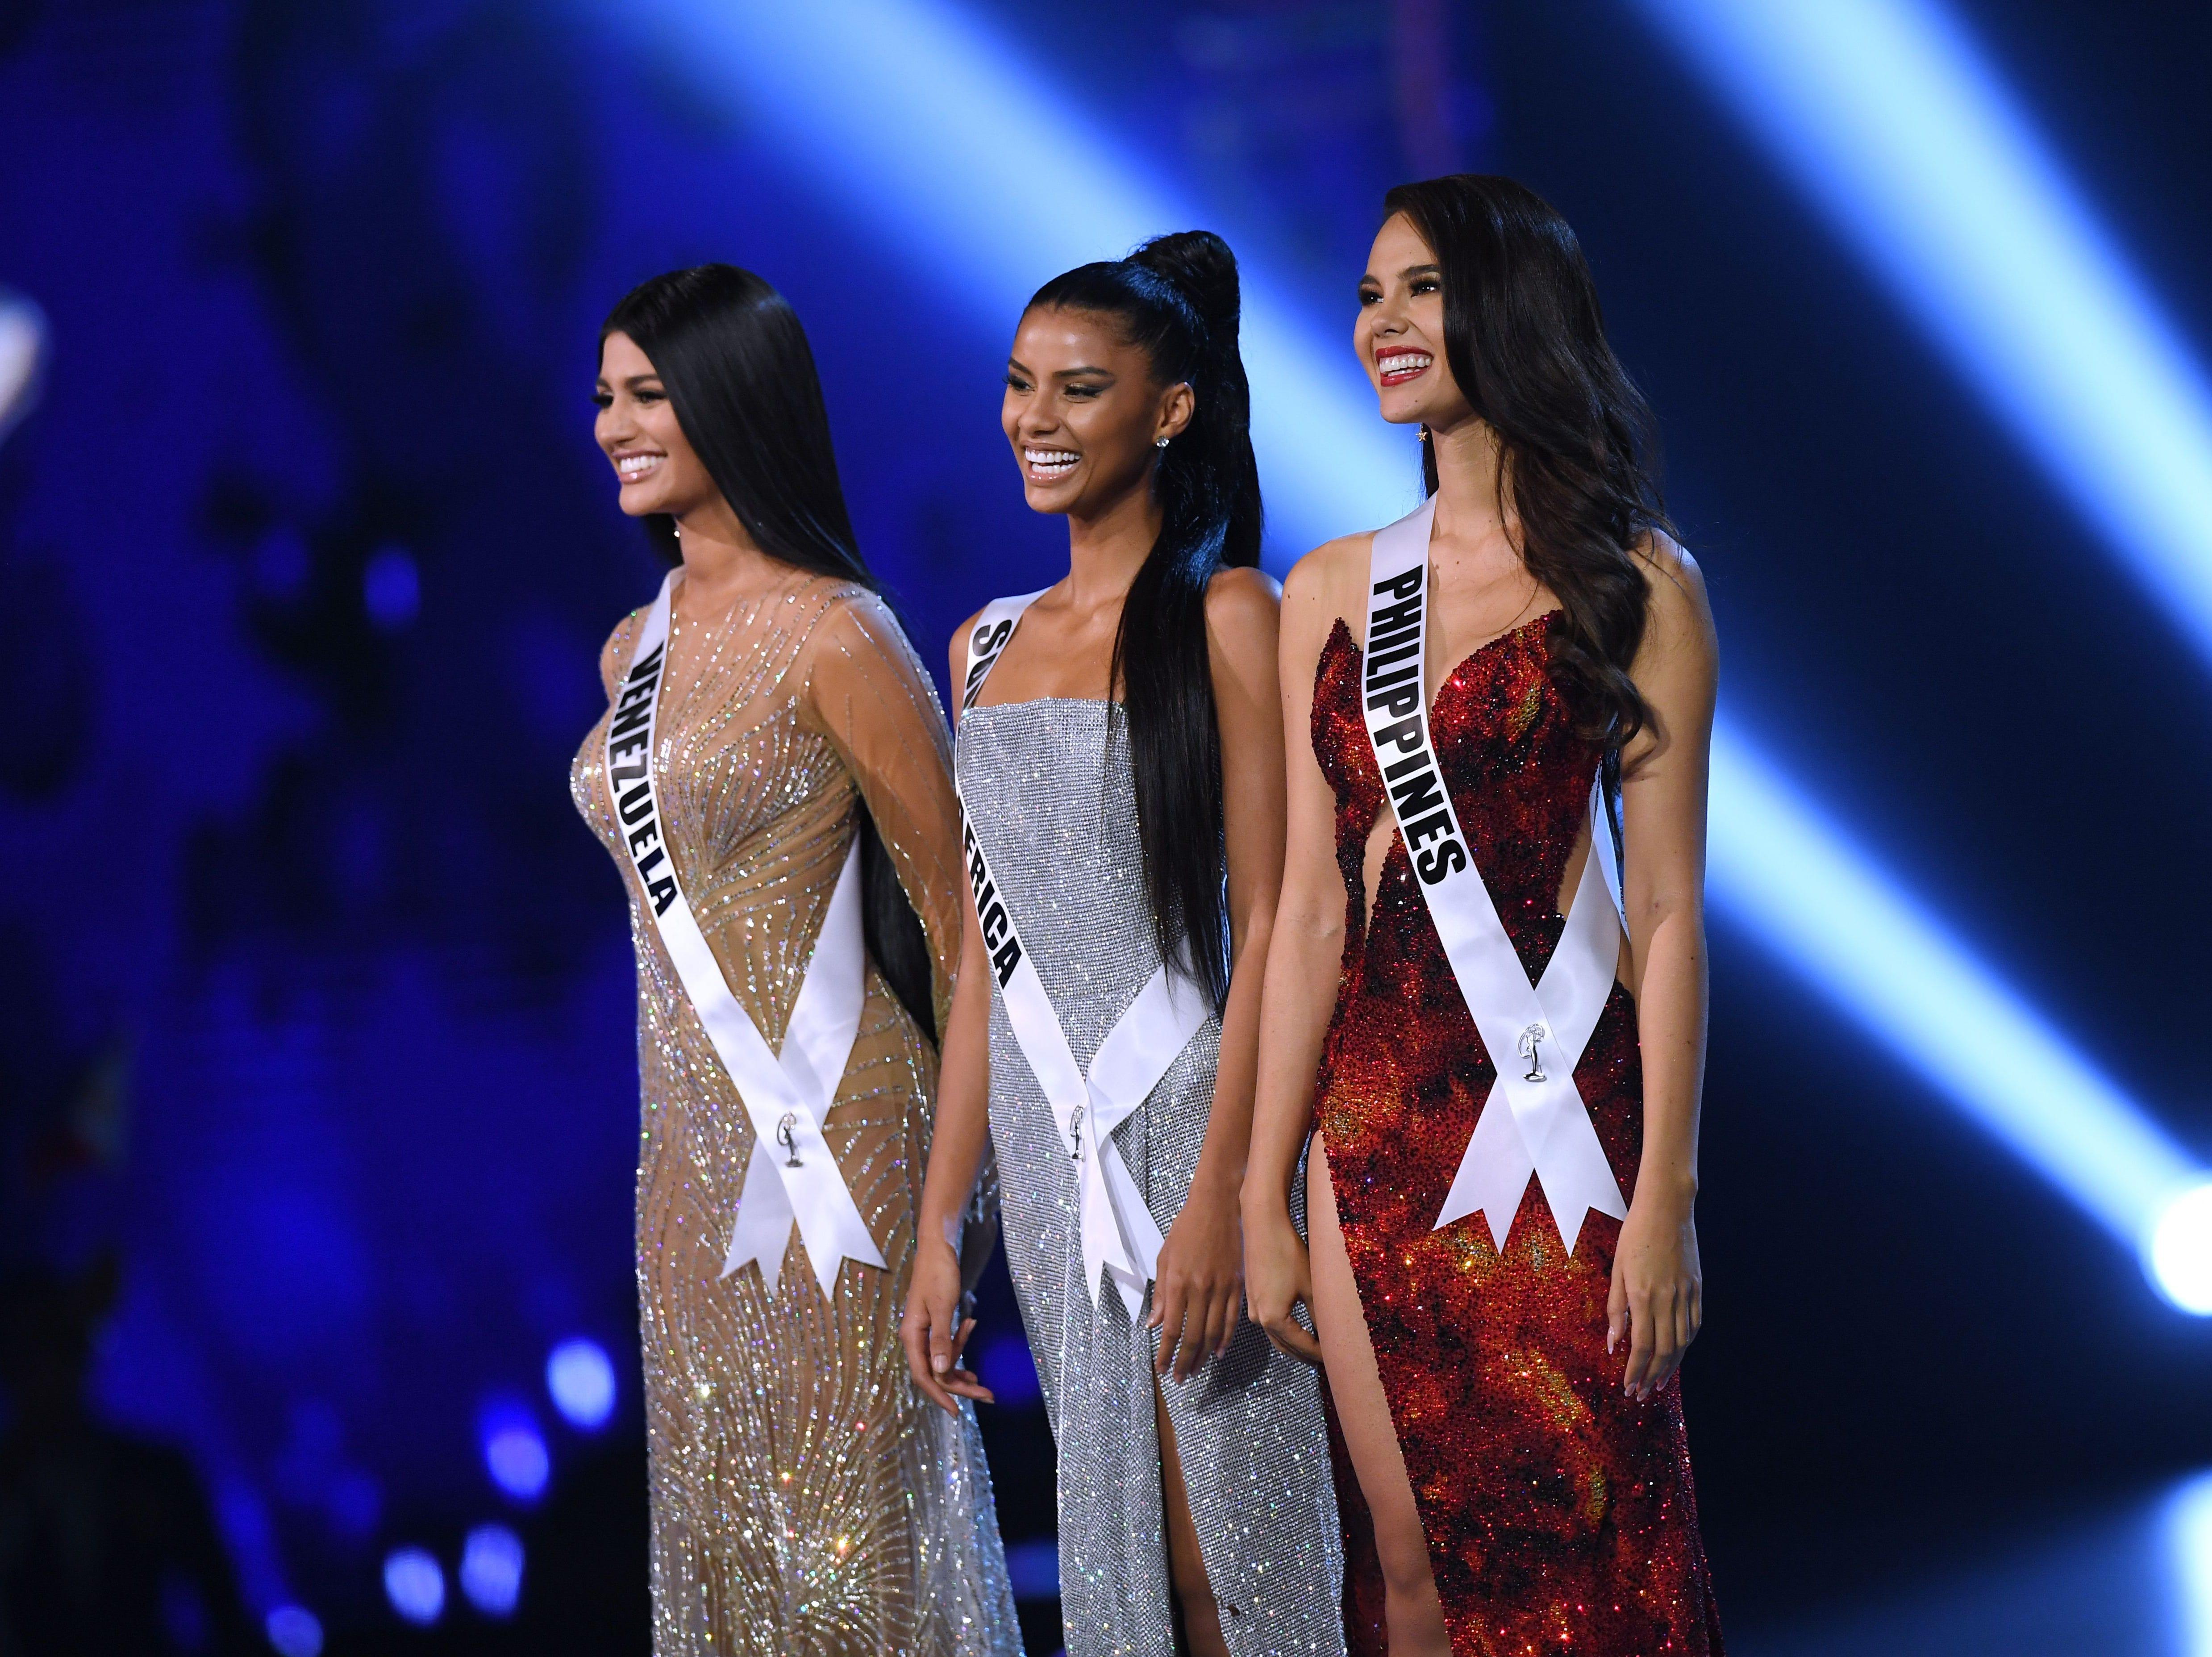 Sthefany Gutierrez (izq) de Venezuela, Tamaryn Green (centro) de Sudáfrica y Catriona Gray (der) de Filipinas se colocan en el escenario después de haber sido seleccionadas como las tres finalistas más importantes durante el concurso Miss Universo de 2018 en Bangkok el 17 de diciembre de 2018.